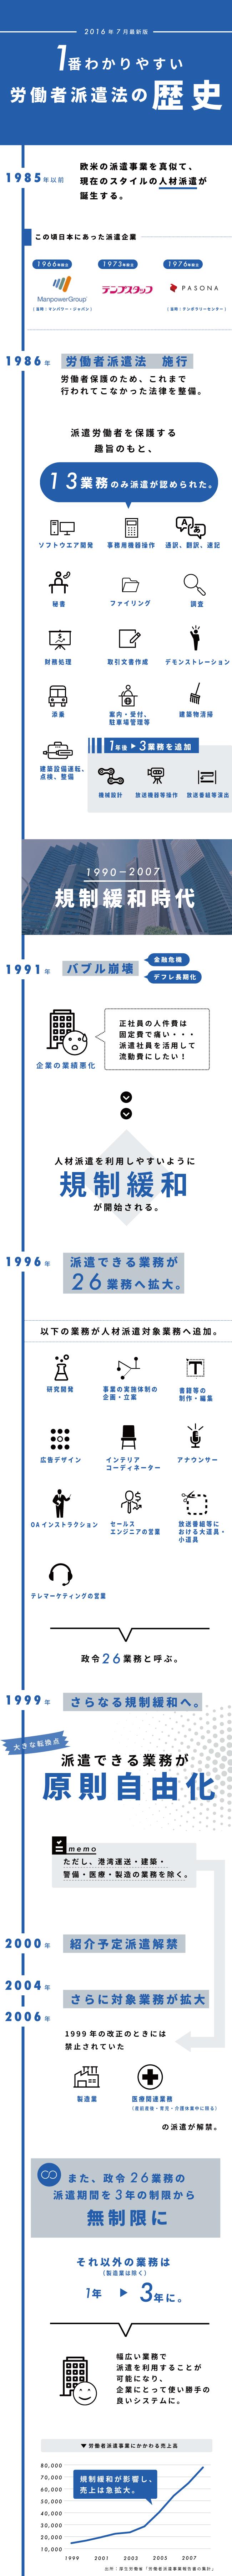 インフォグラフィック:派遣労働法改正の歴史が一目でわかる!派遣は使い捨て1